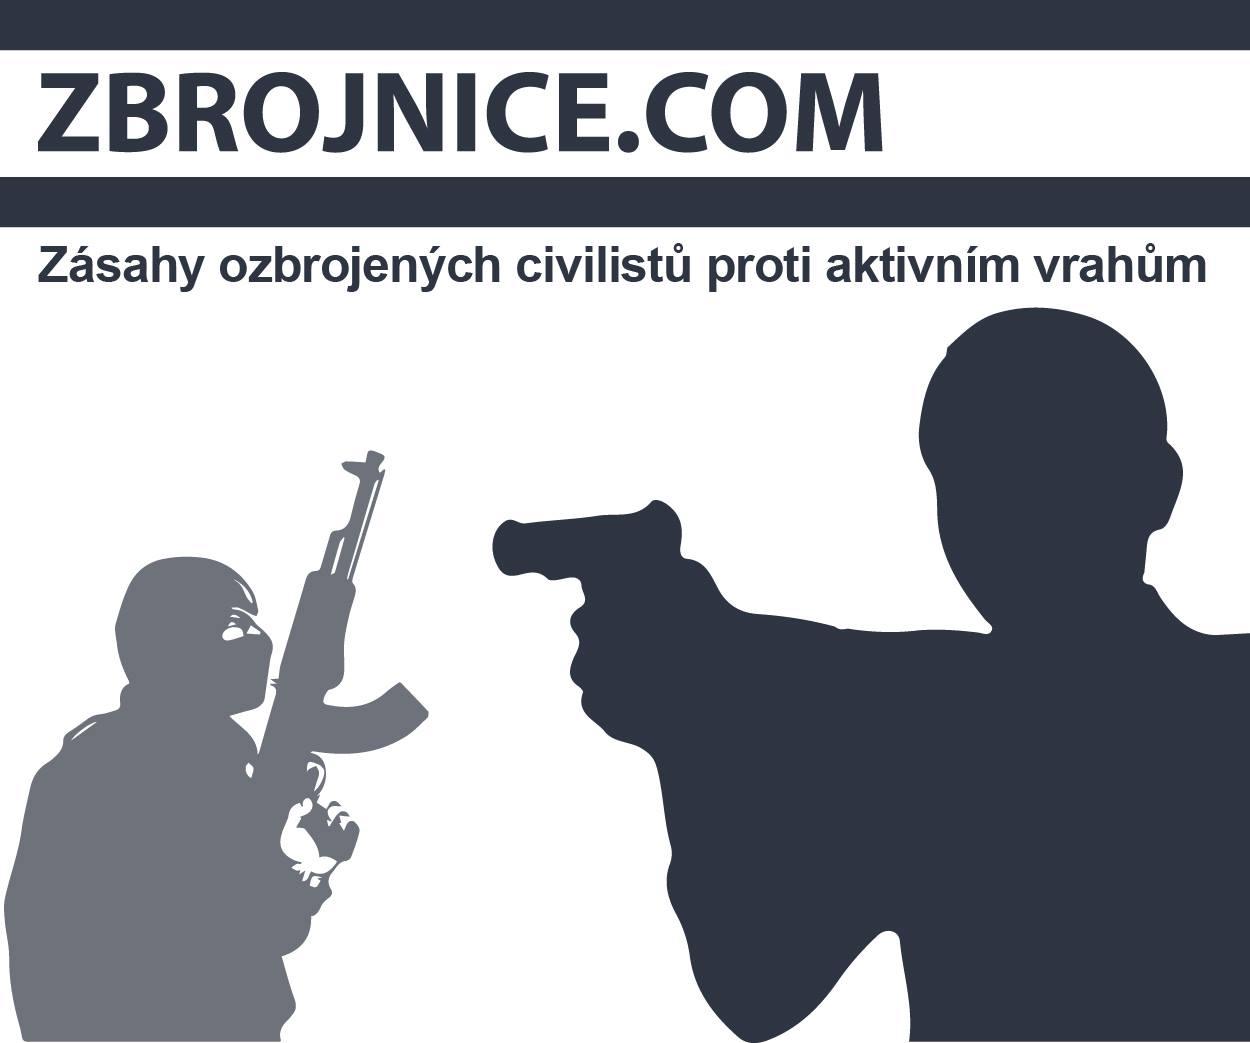 Zbrojnice.com - zásahy ozbrojených civilistů proti aktivním vrahům